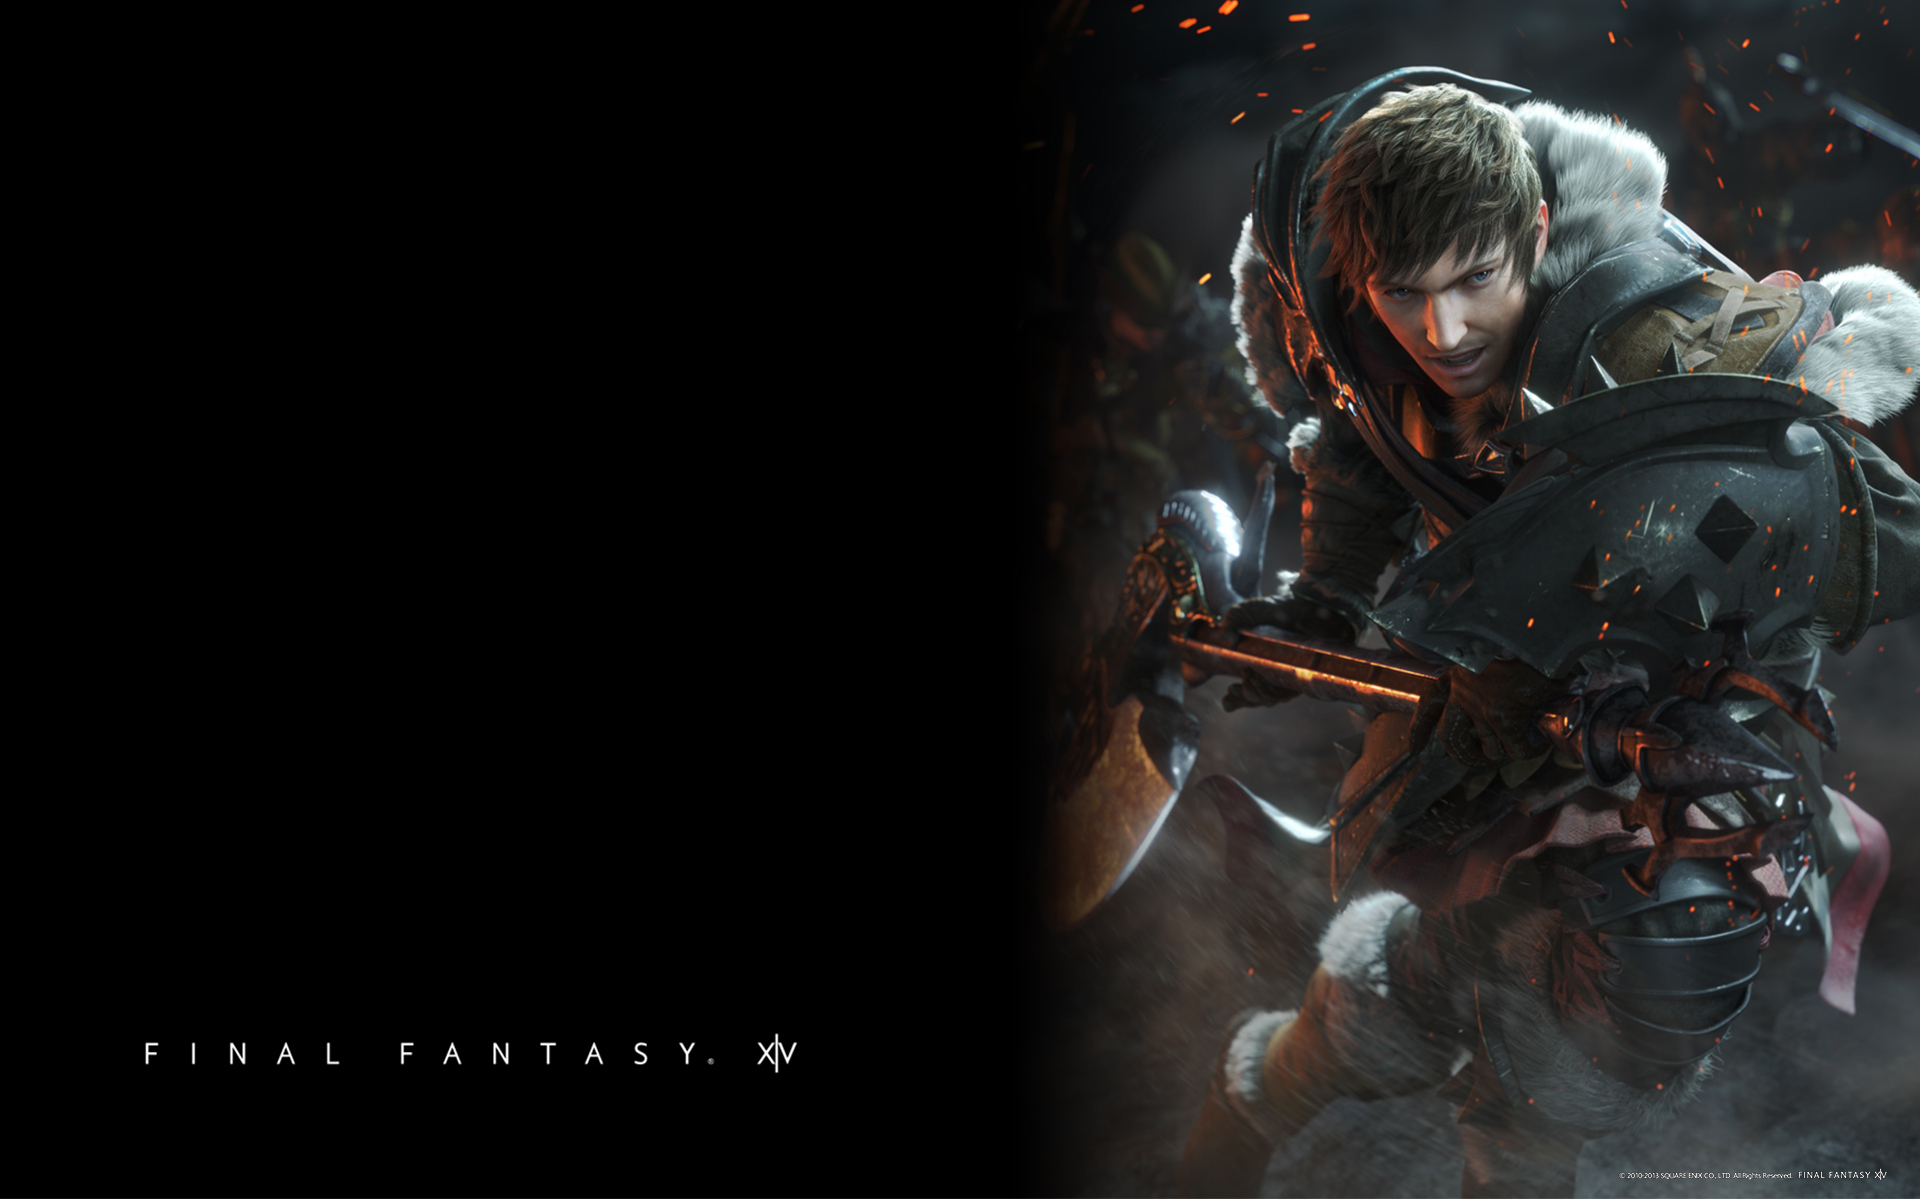 Video Game Final Fantasy XiV A Realm Reborn 1920x1200